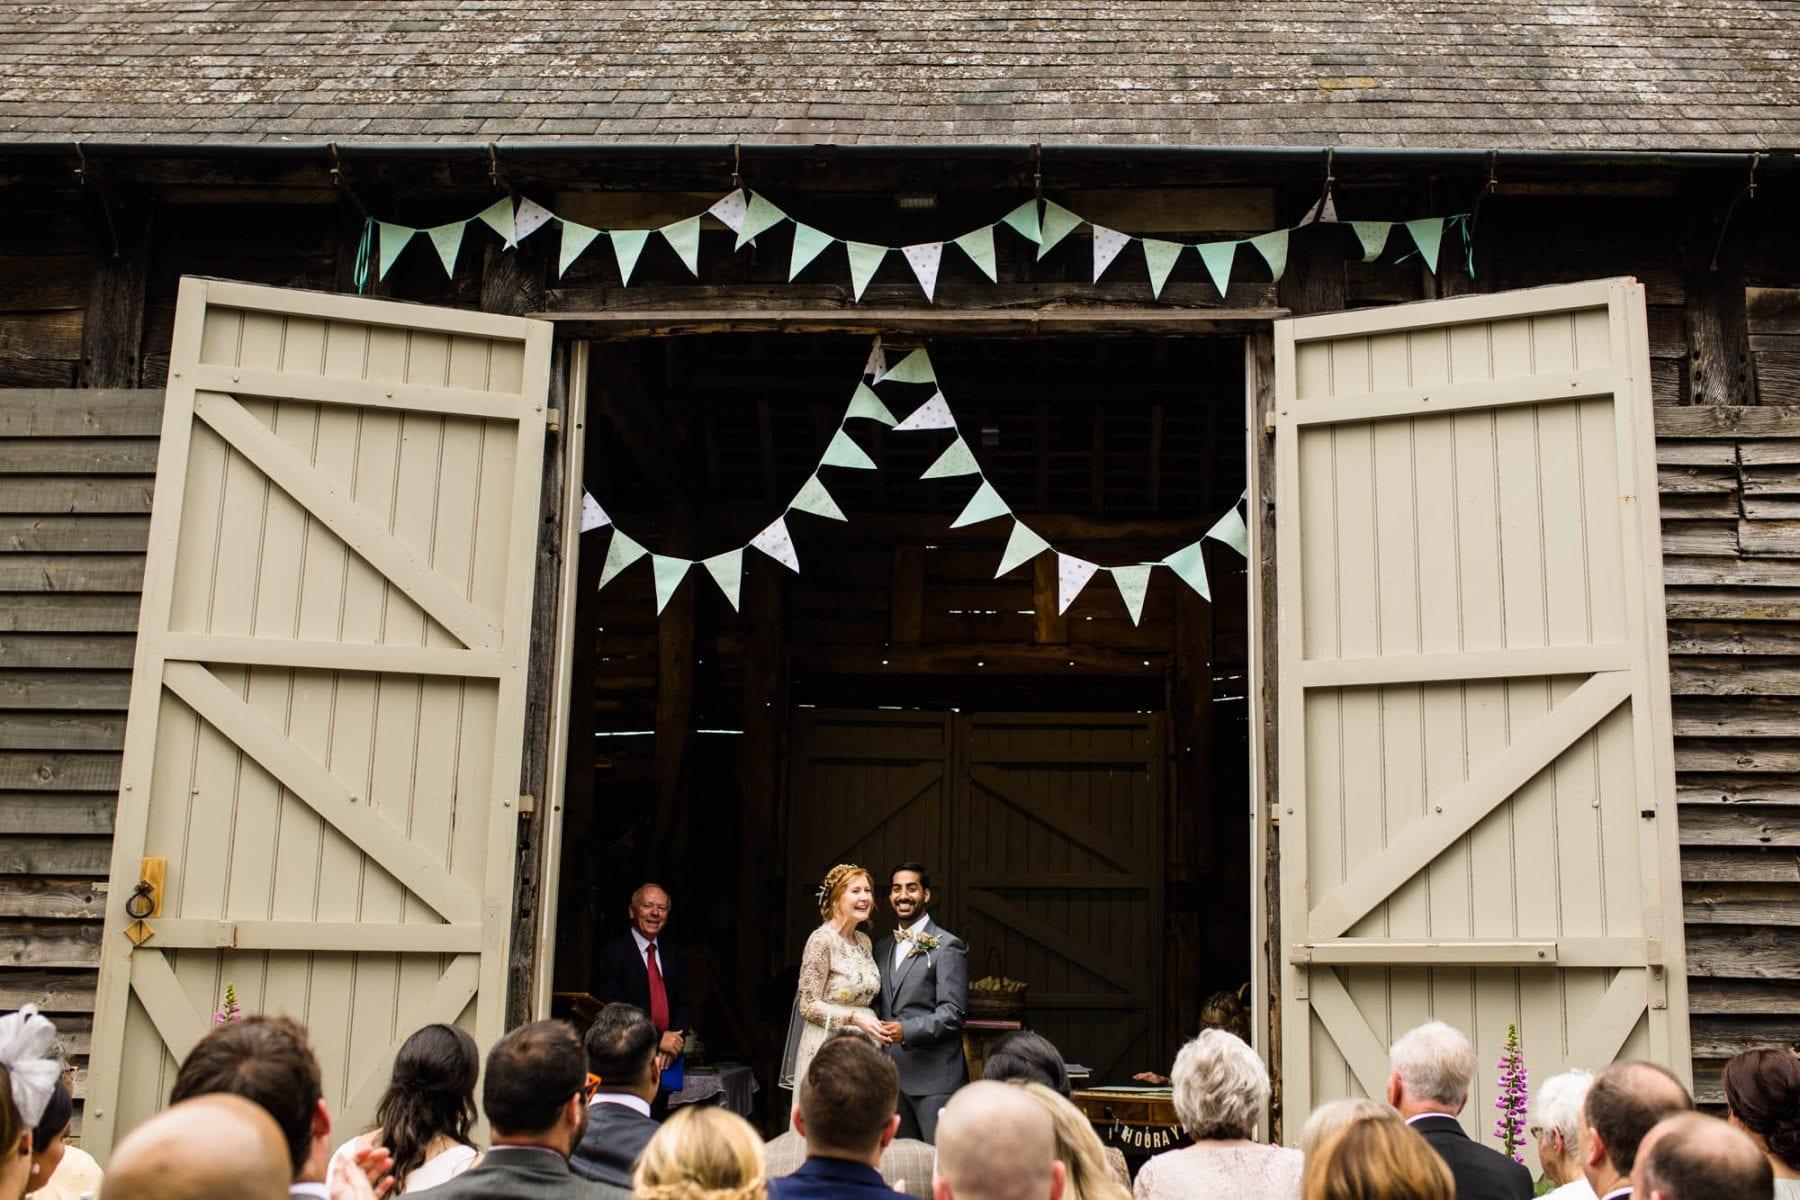 Pimhill Barn Outdoor Wedding